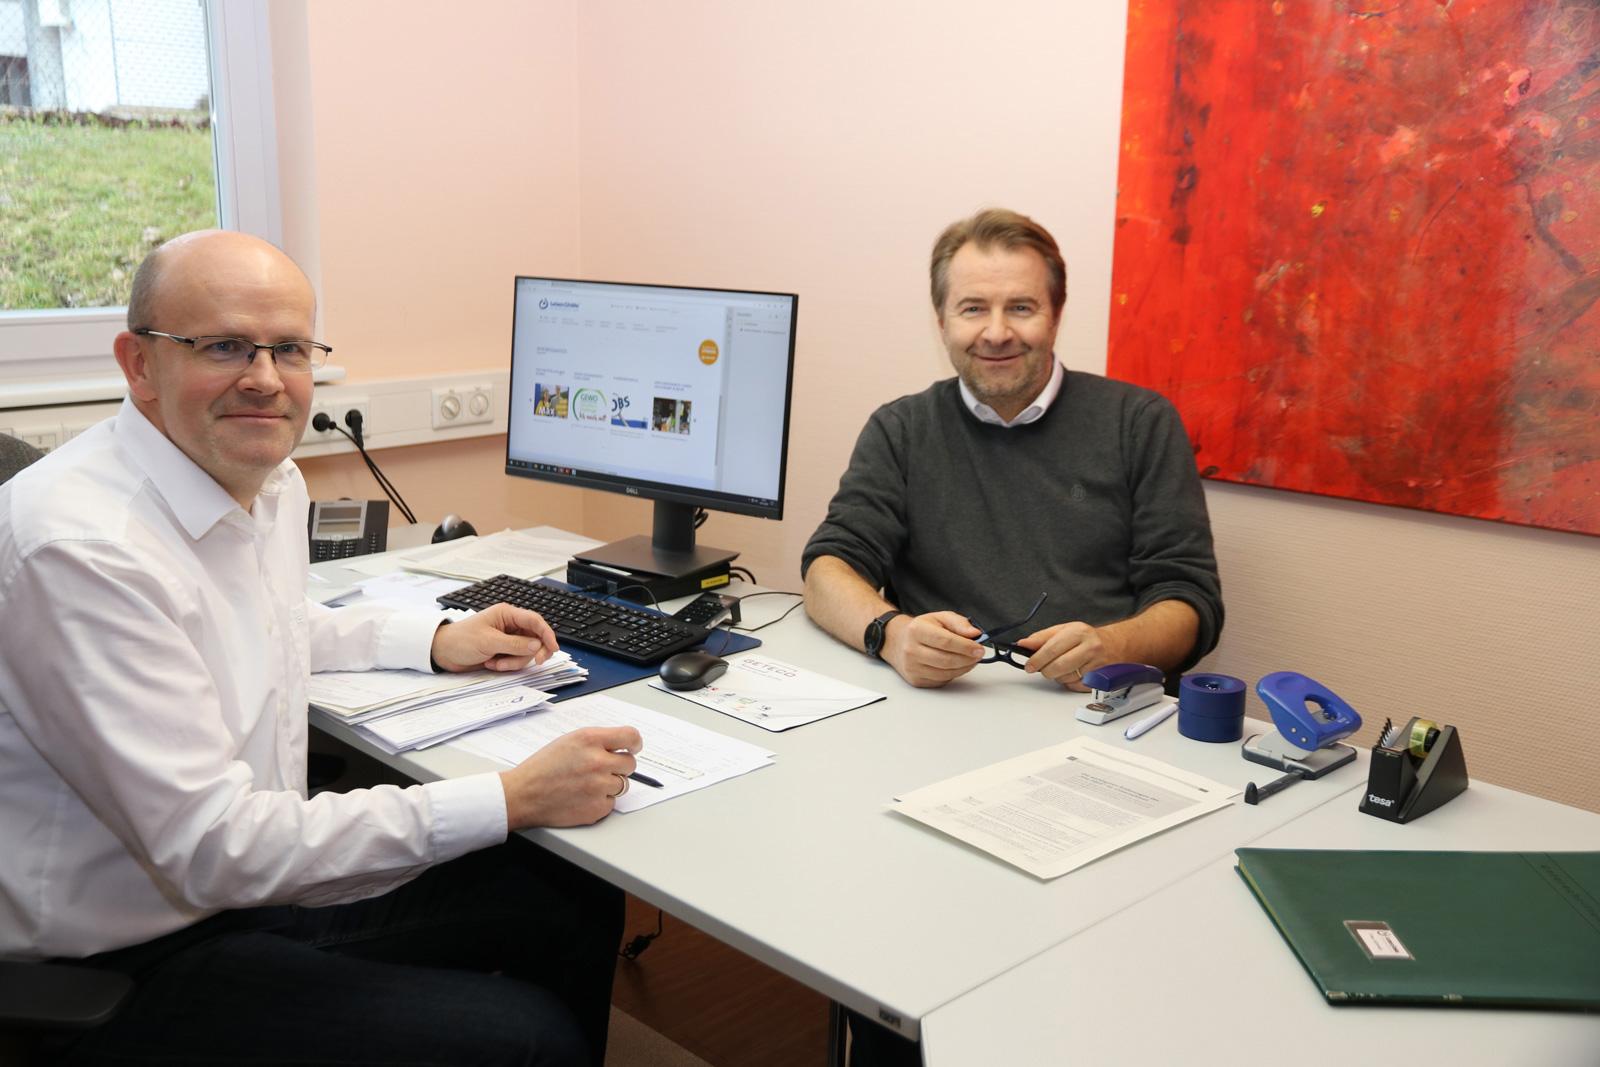 Rechnungswesen-Chef Jochen Potzel (rechts) begrüßte Willibald Galler im Team. Galler verstärkt die Finanzabteilung seit 1. Januar 2020 als stellv. Rechnungswesen-Leiter.